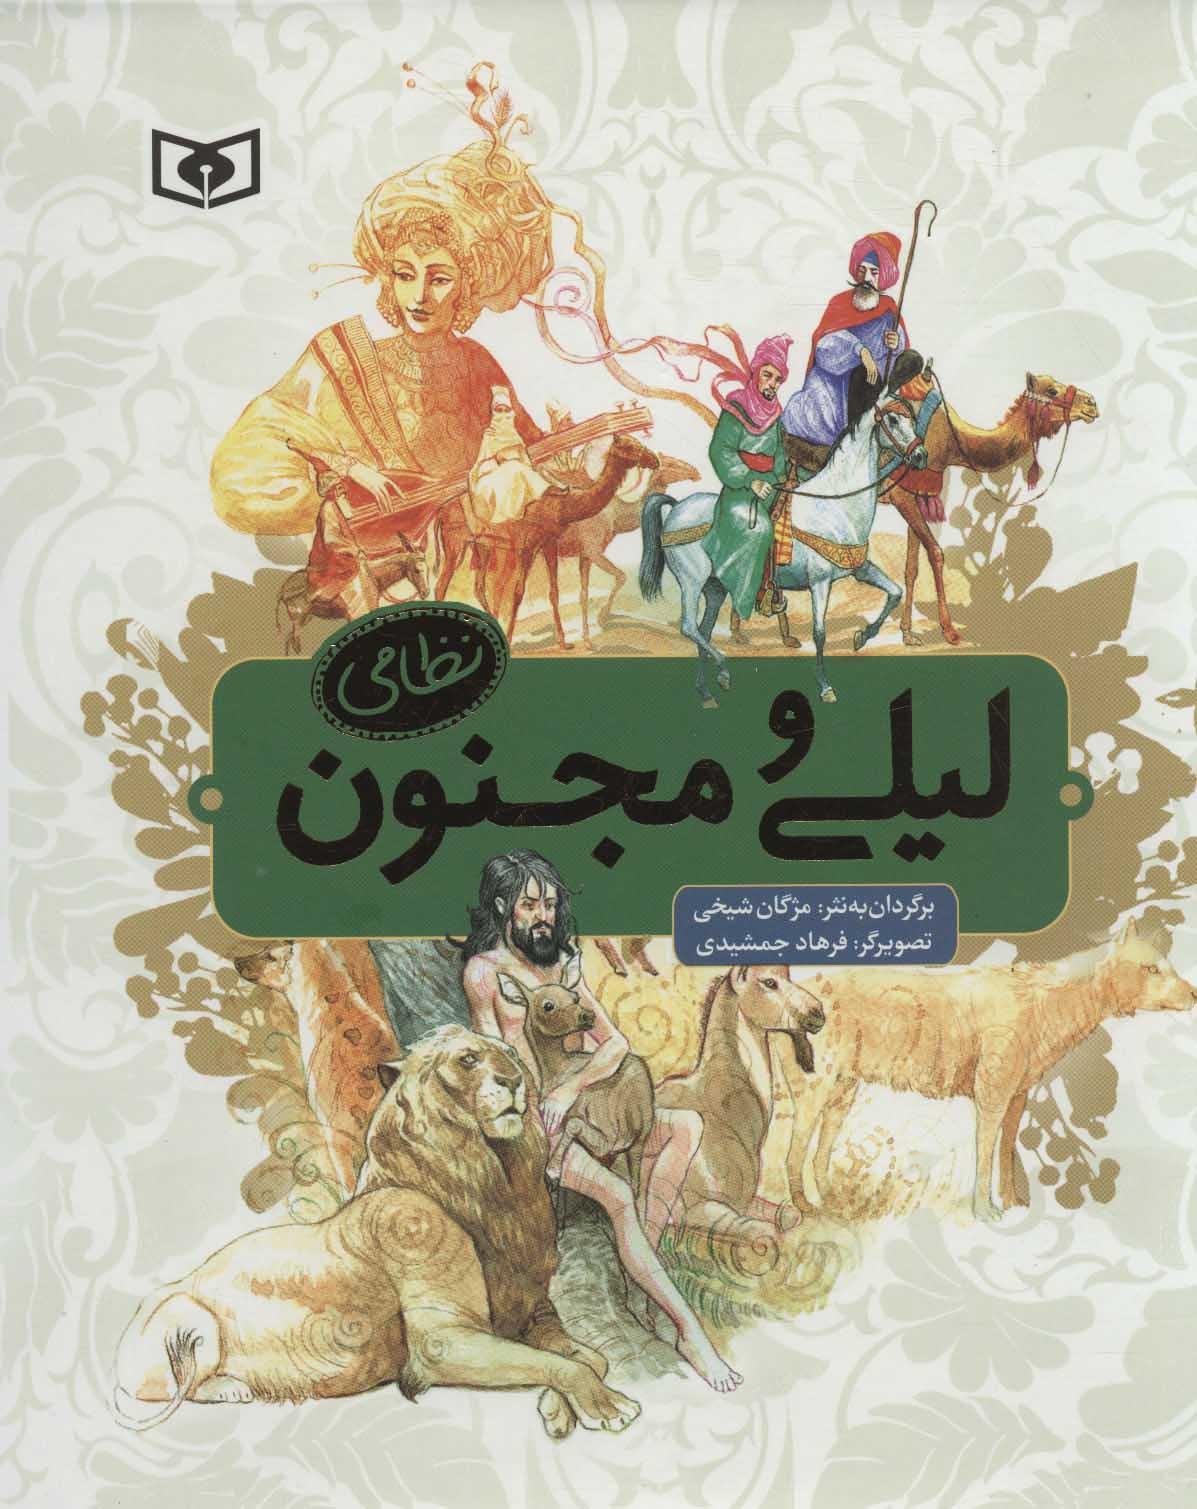 کتاب لیلی و مجنون نظامی